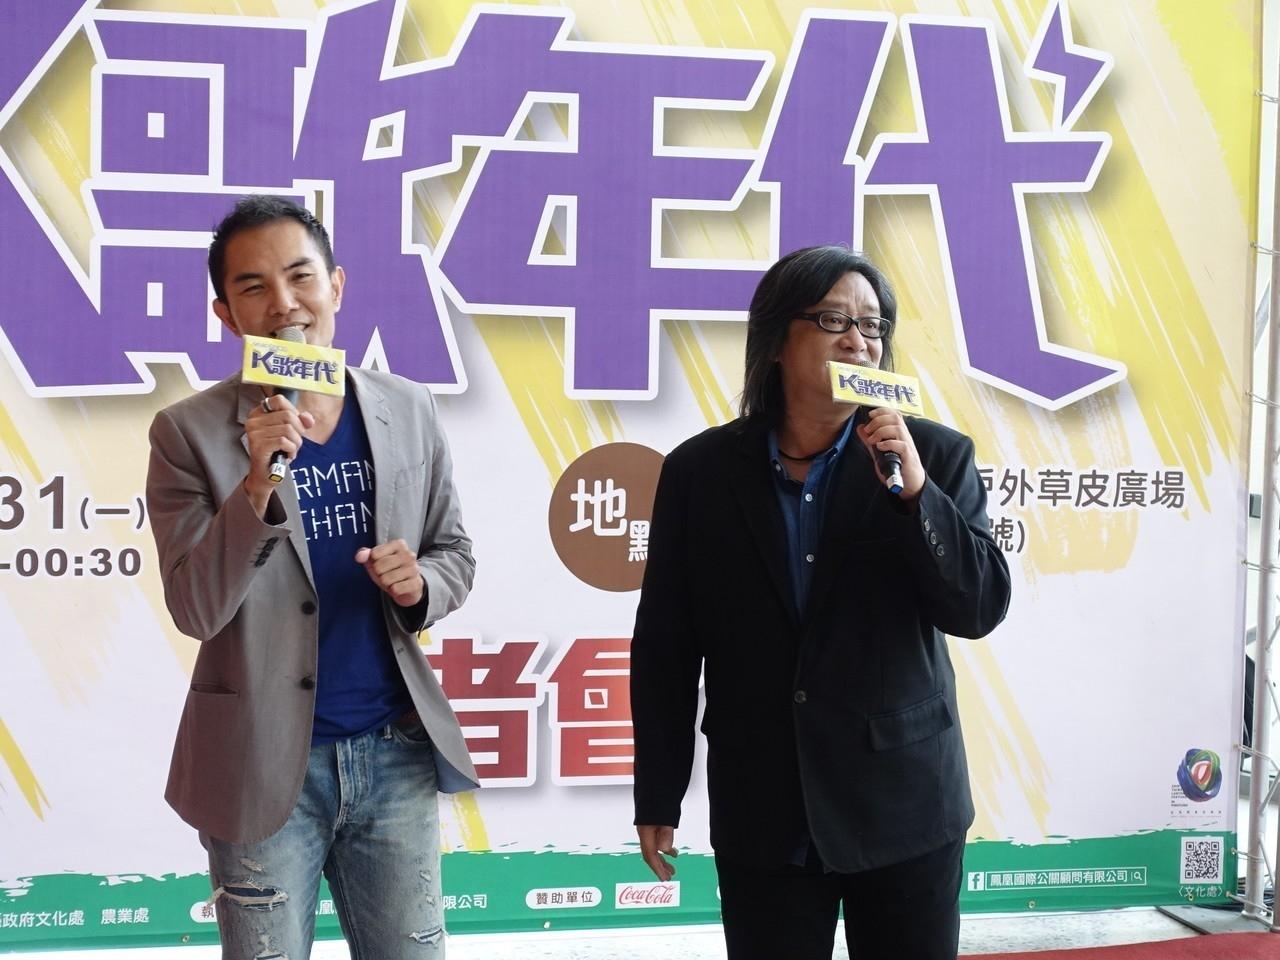 為了宣傳屏東跨年活動,屏東縣文化處長吳明榮(左)今天更與金曲歌手施文彬(右)合唱,先為跨年活動開唱。記者翁禎霞/攝影